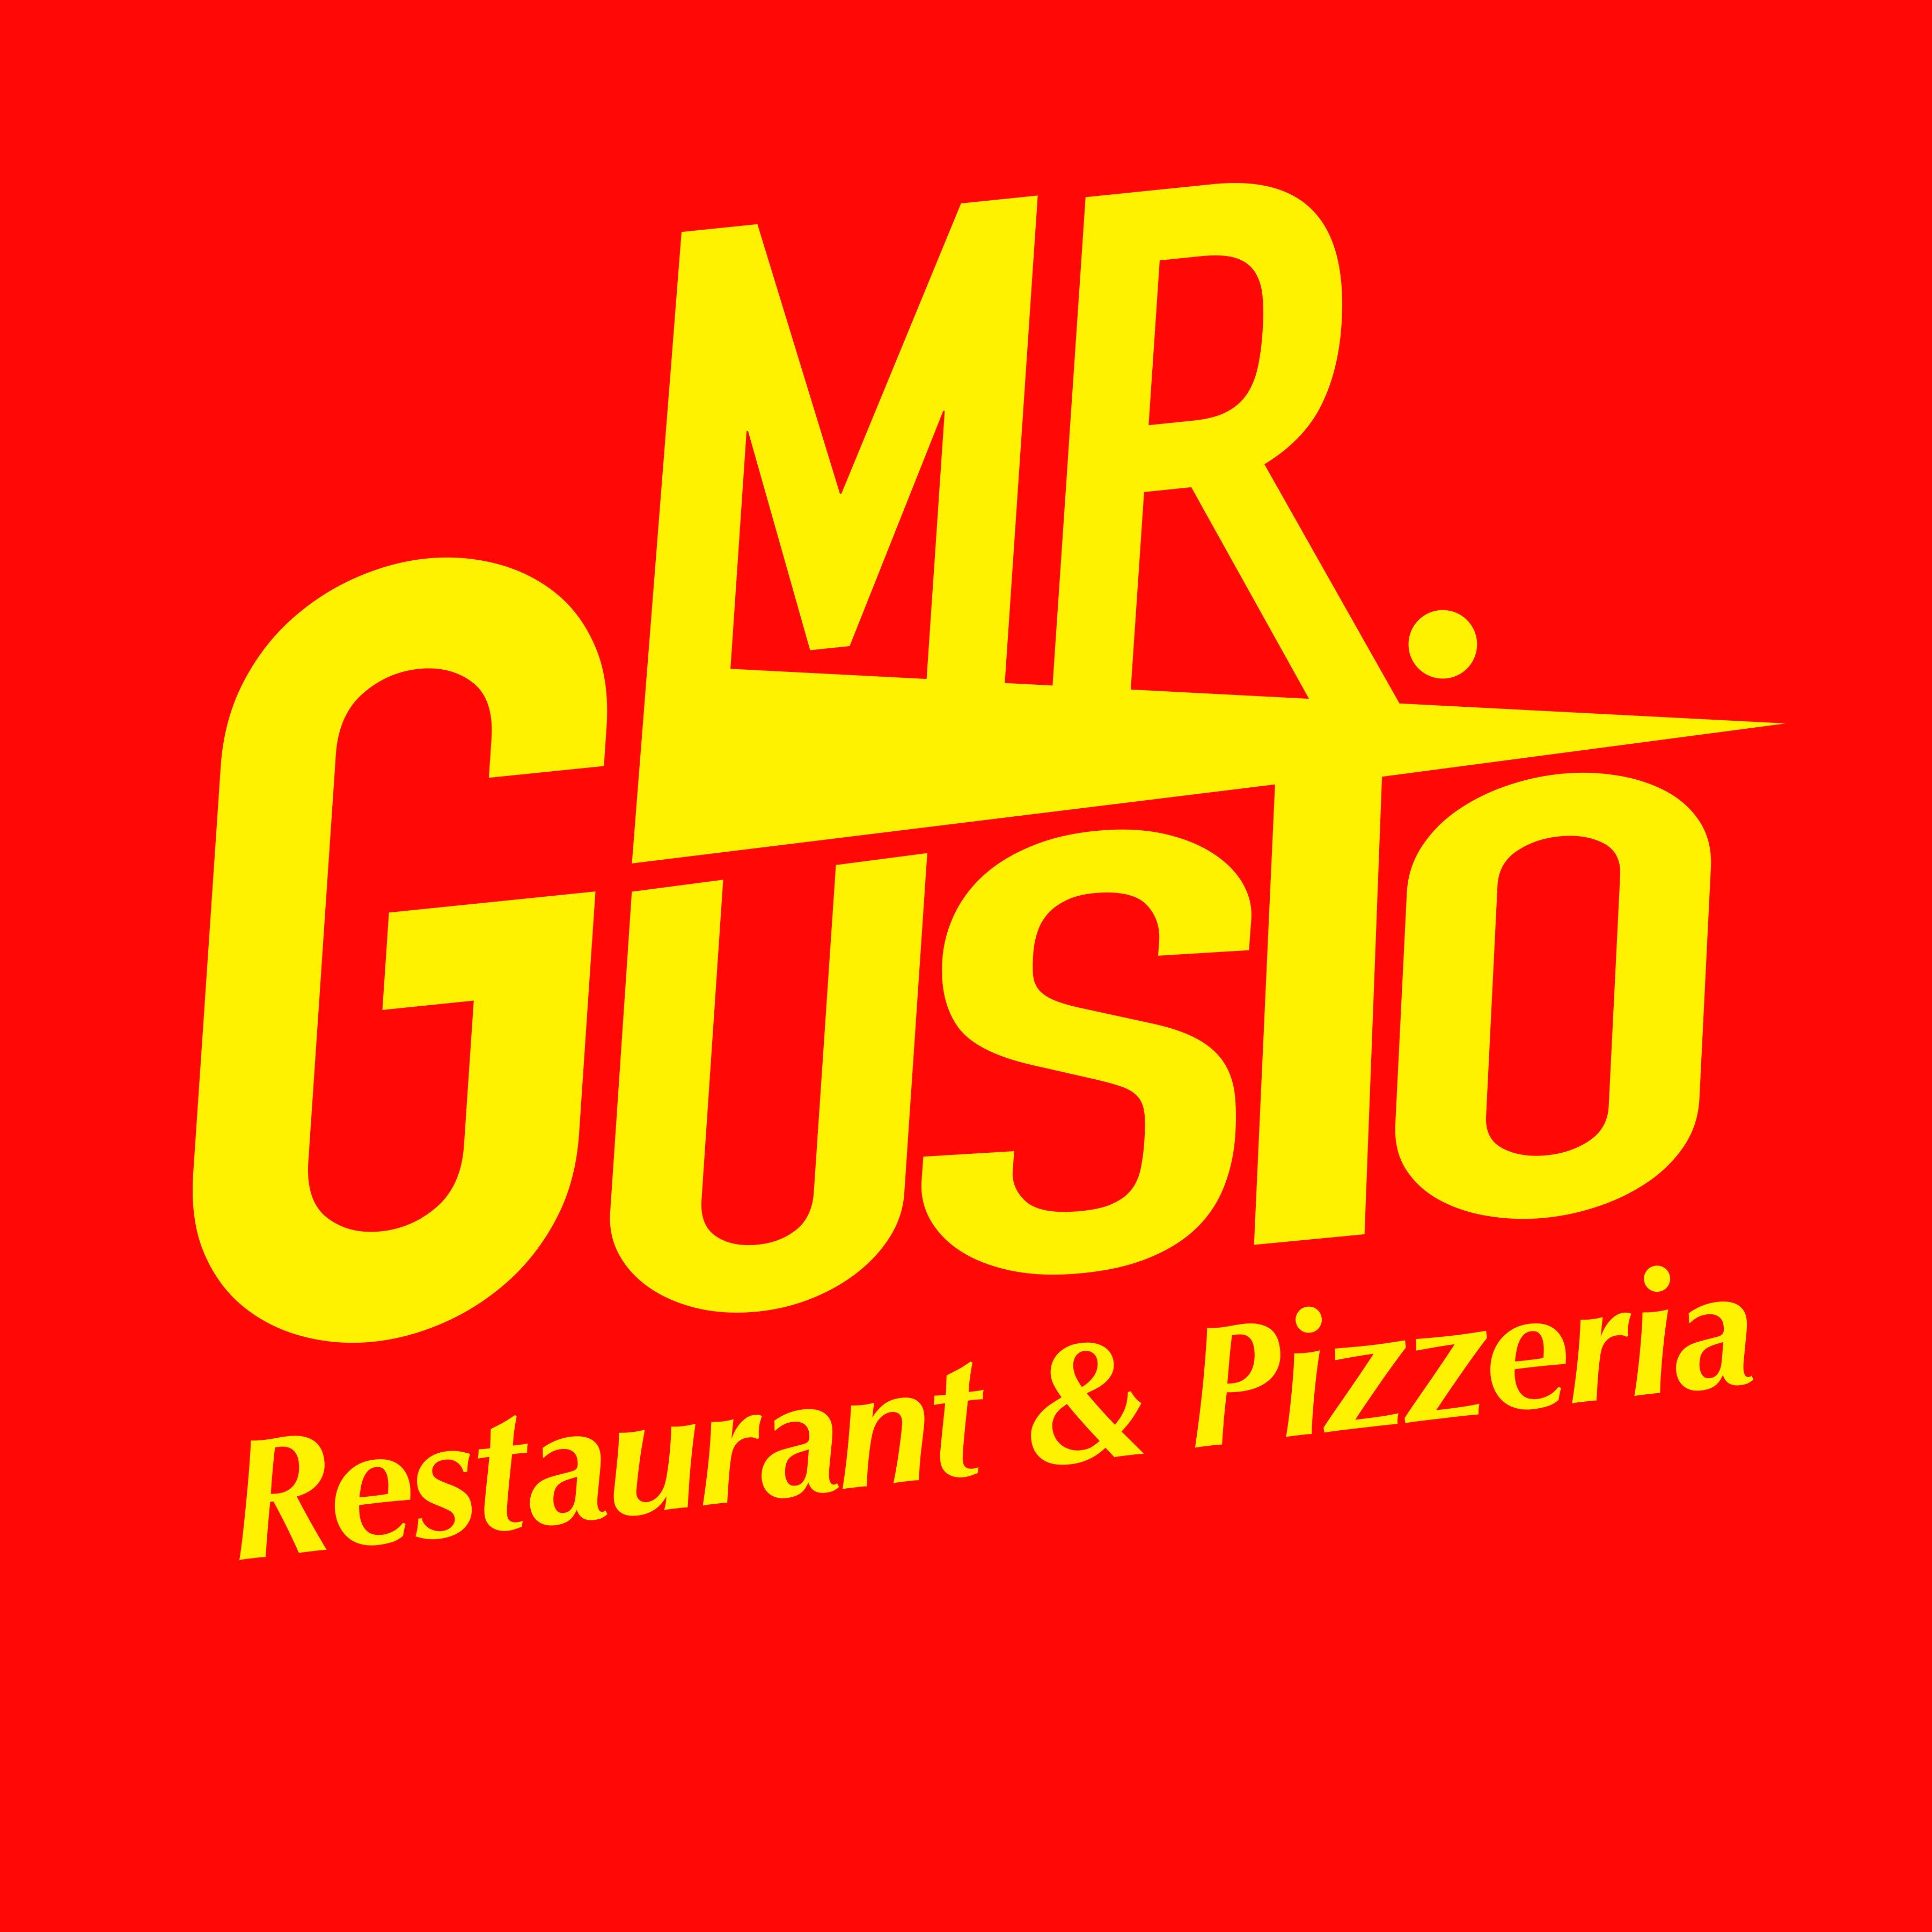 Mister Gusto Restaurant